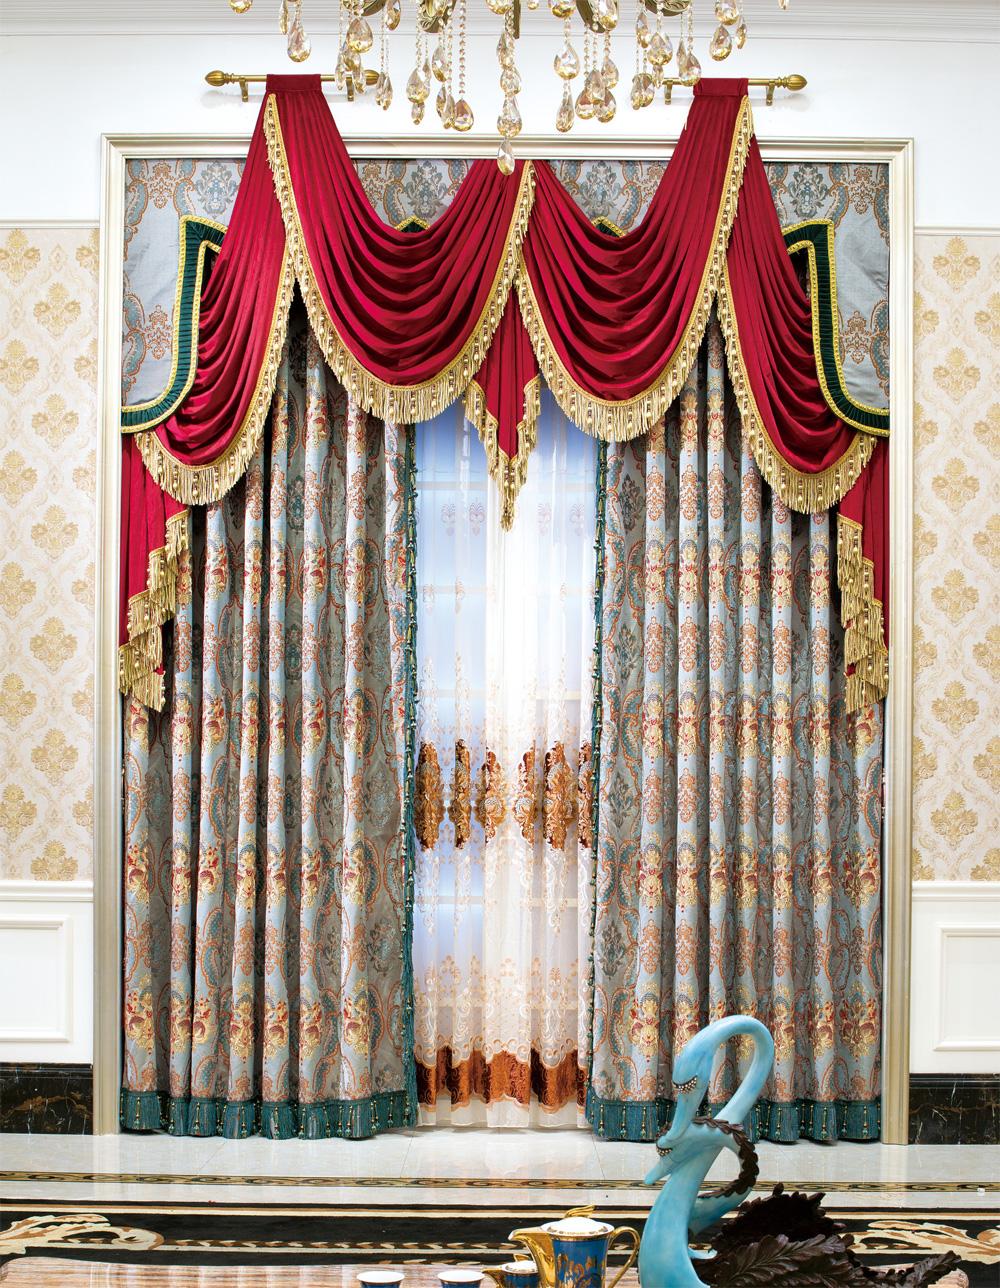 豪华欧式风格窗帘|欧式窗帘|上海文宗缘商贸有限公司